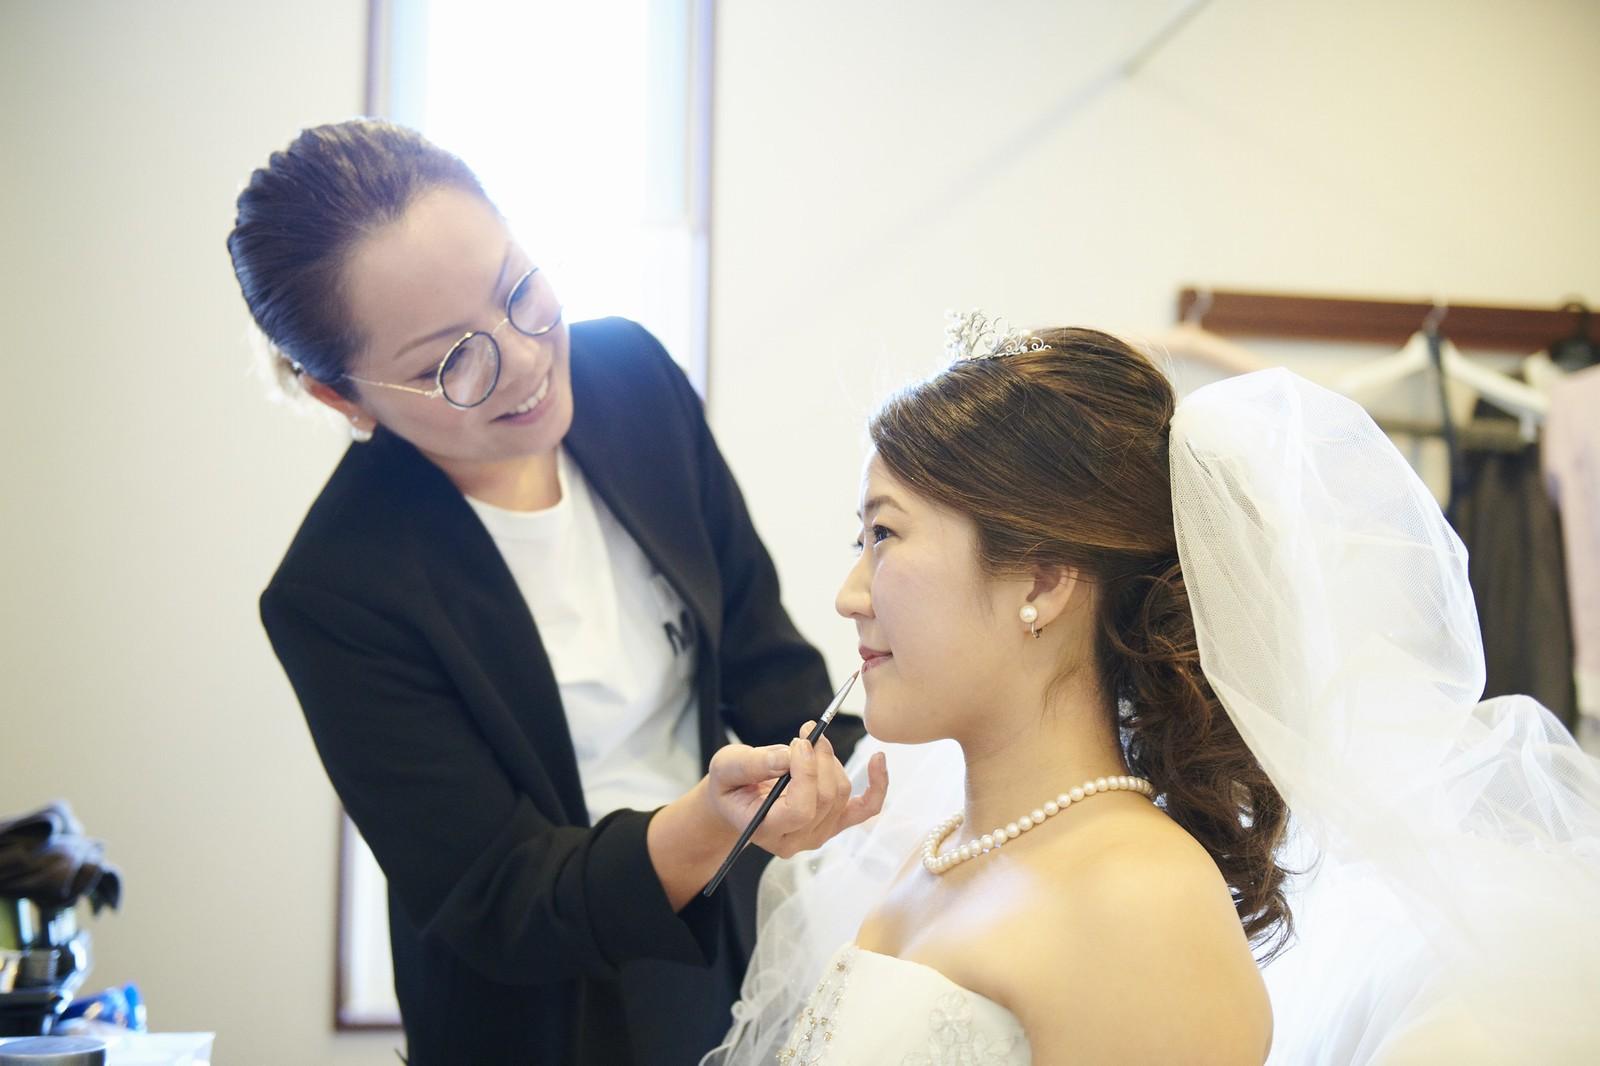 徳島県の結婚式場ブランアンジュの控室でメイクを行う新婦